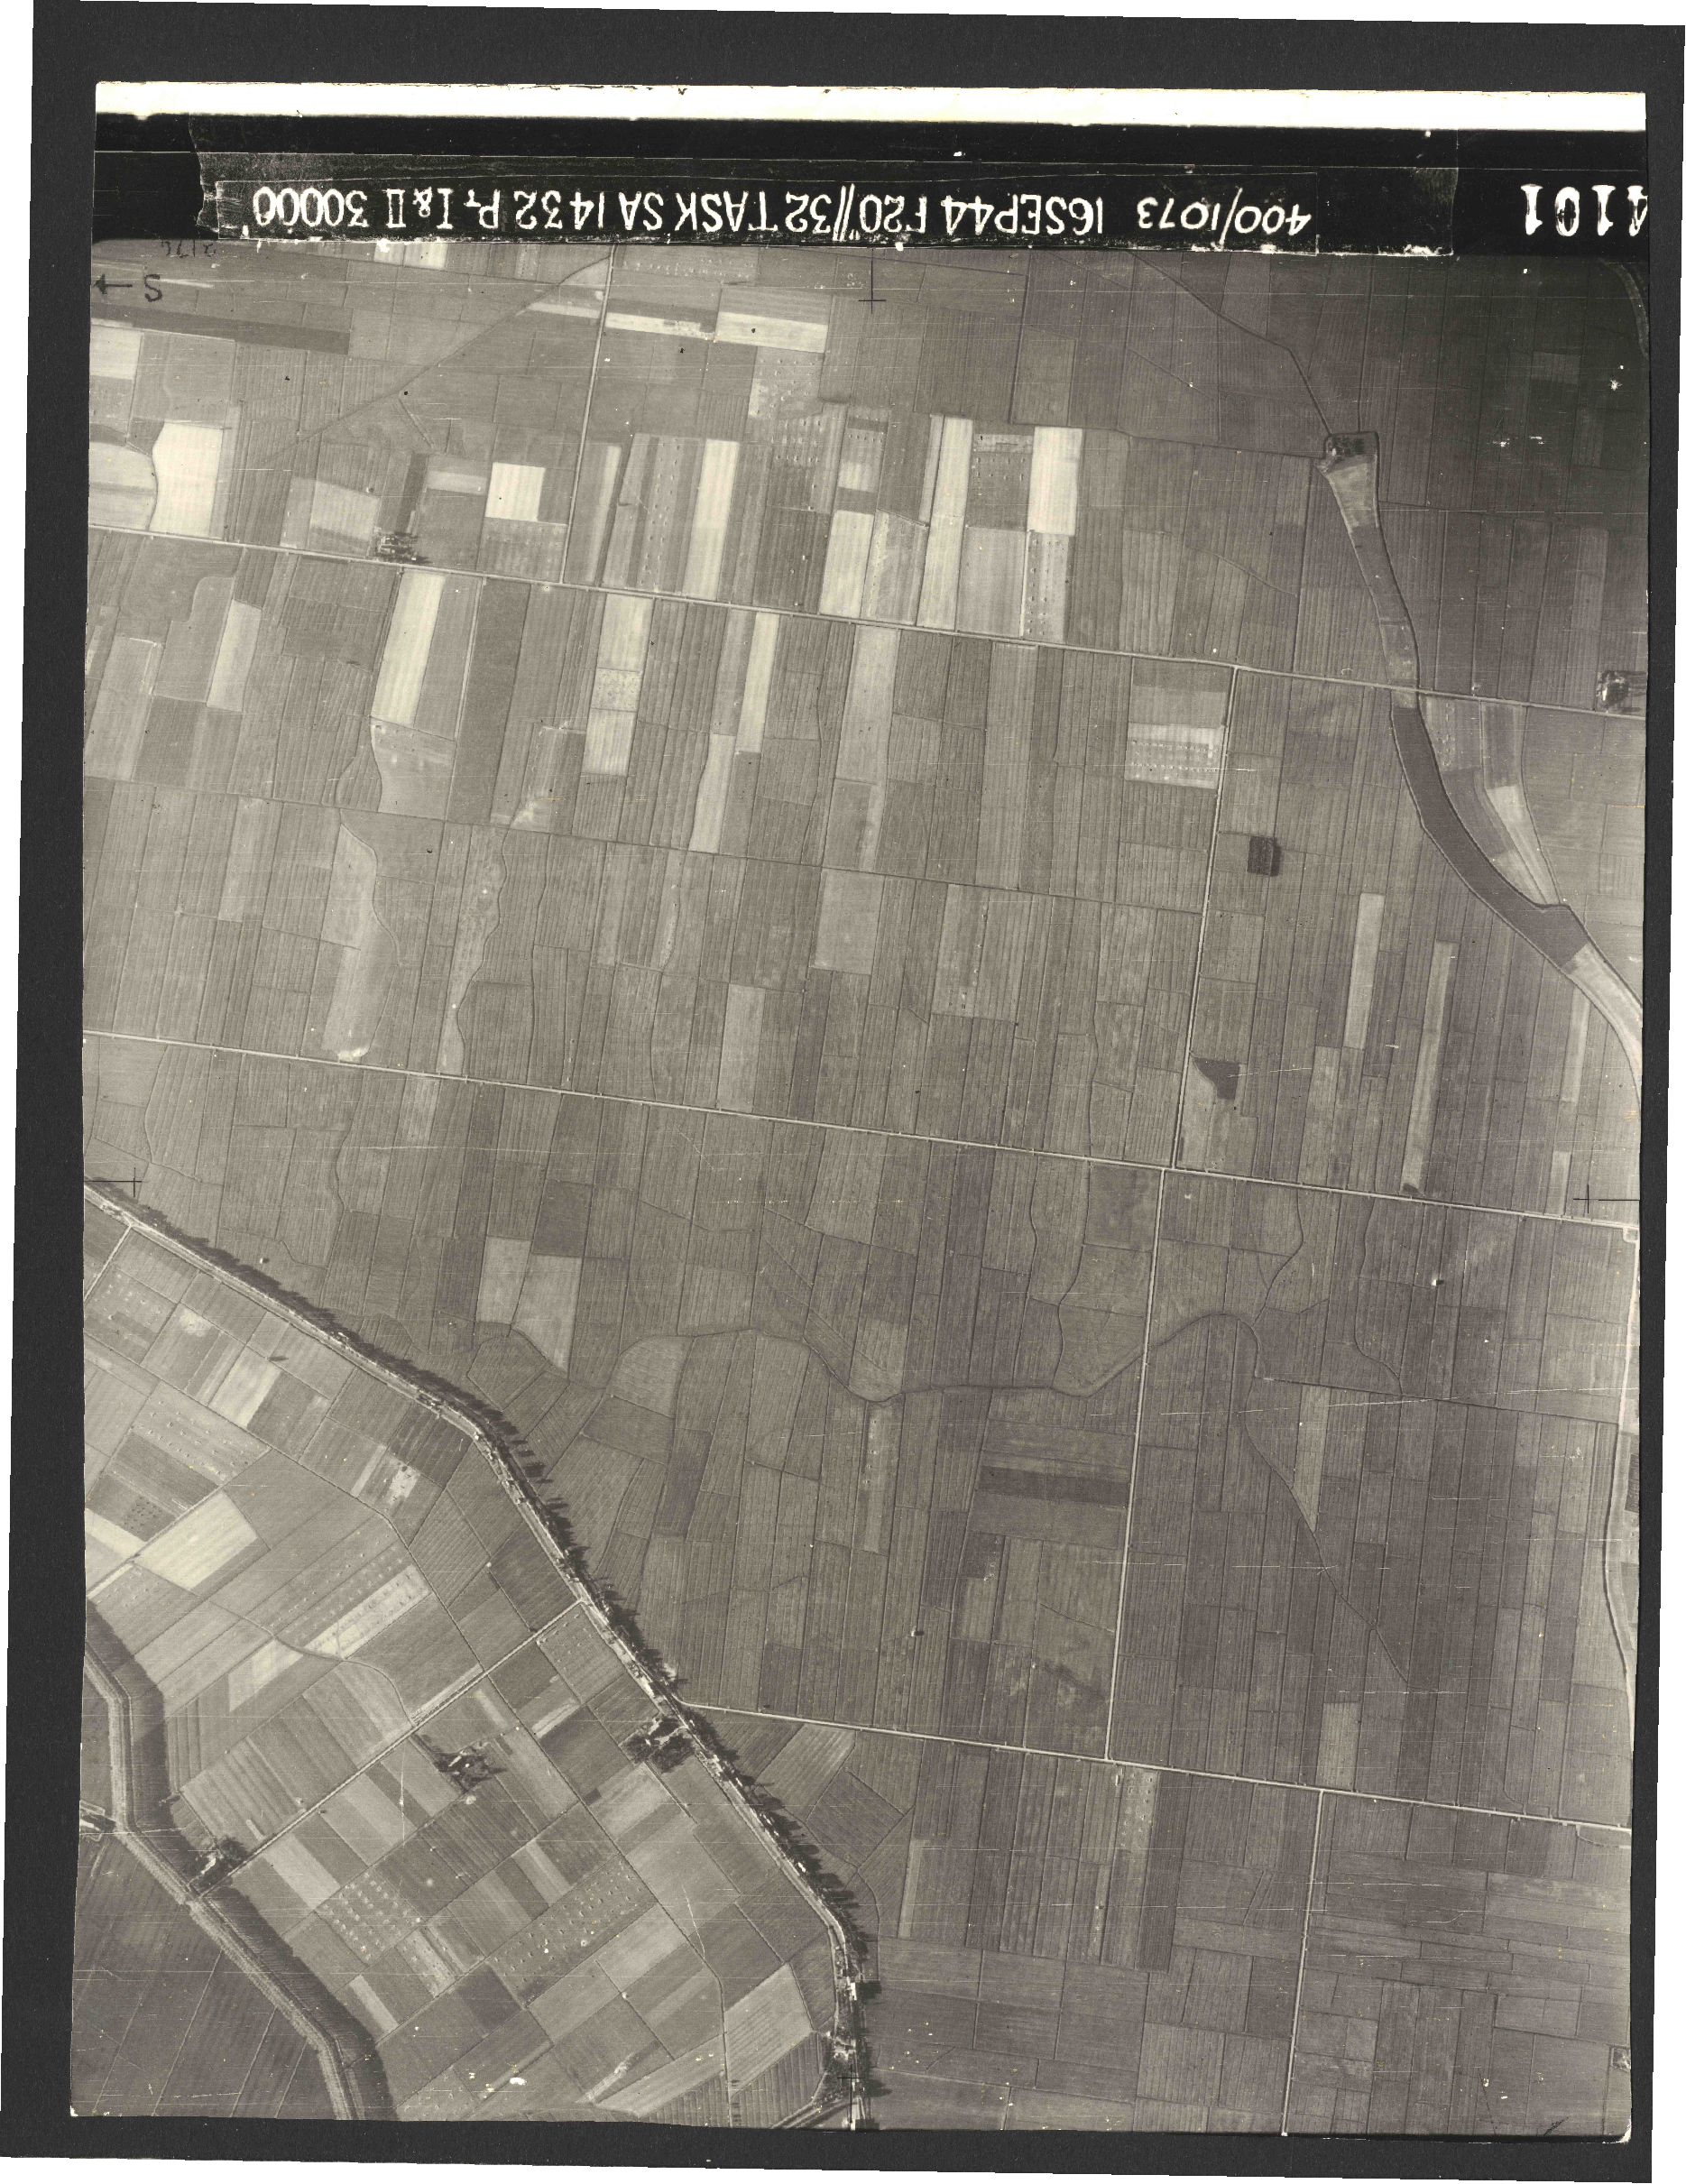 Collection RAF aerial photos 1940-1945 - flight 013, run 04, photo 4101